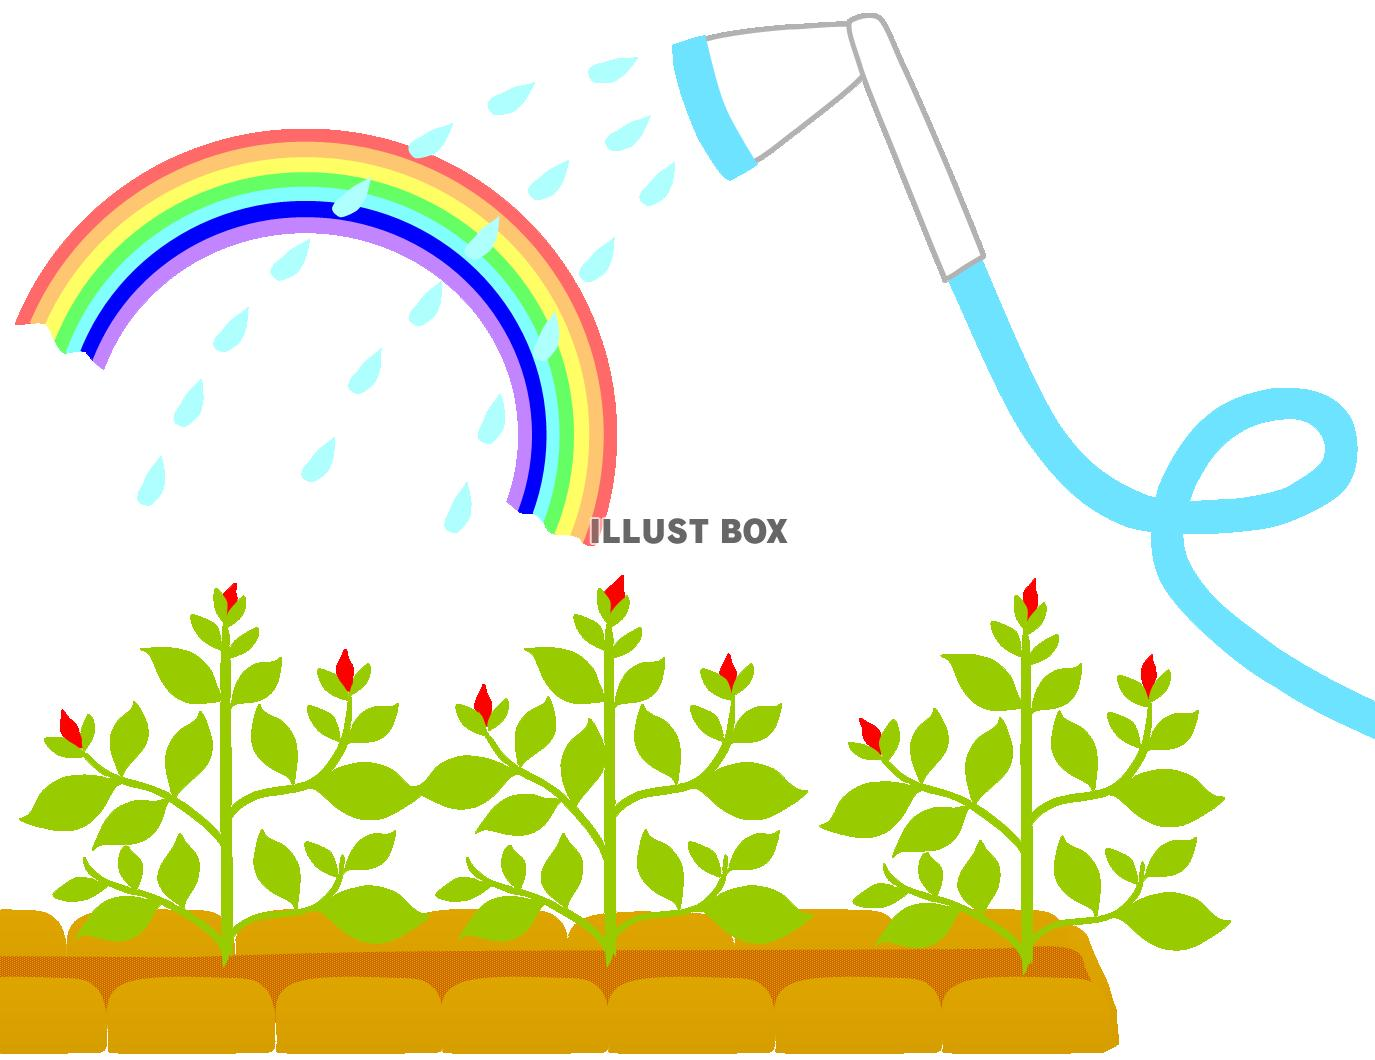 無料イラスト ホースで水やり2ガーデニング園芸育てる虹